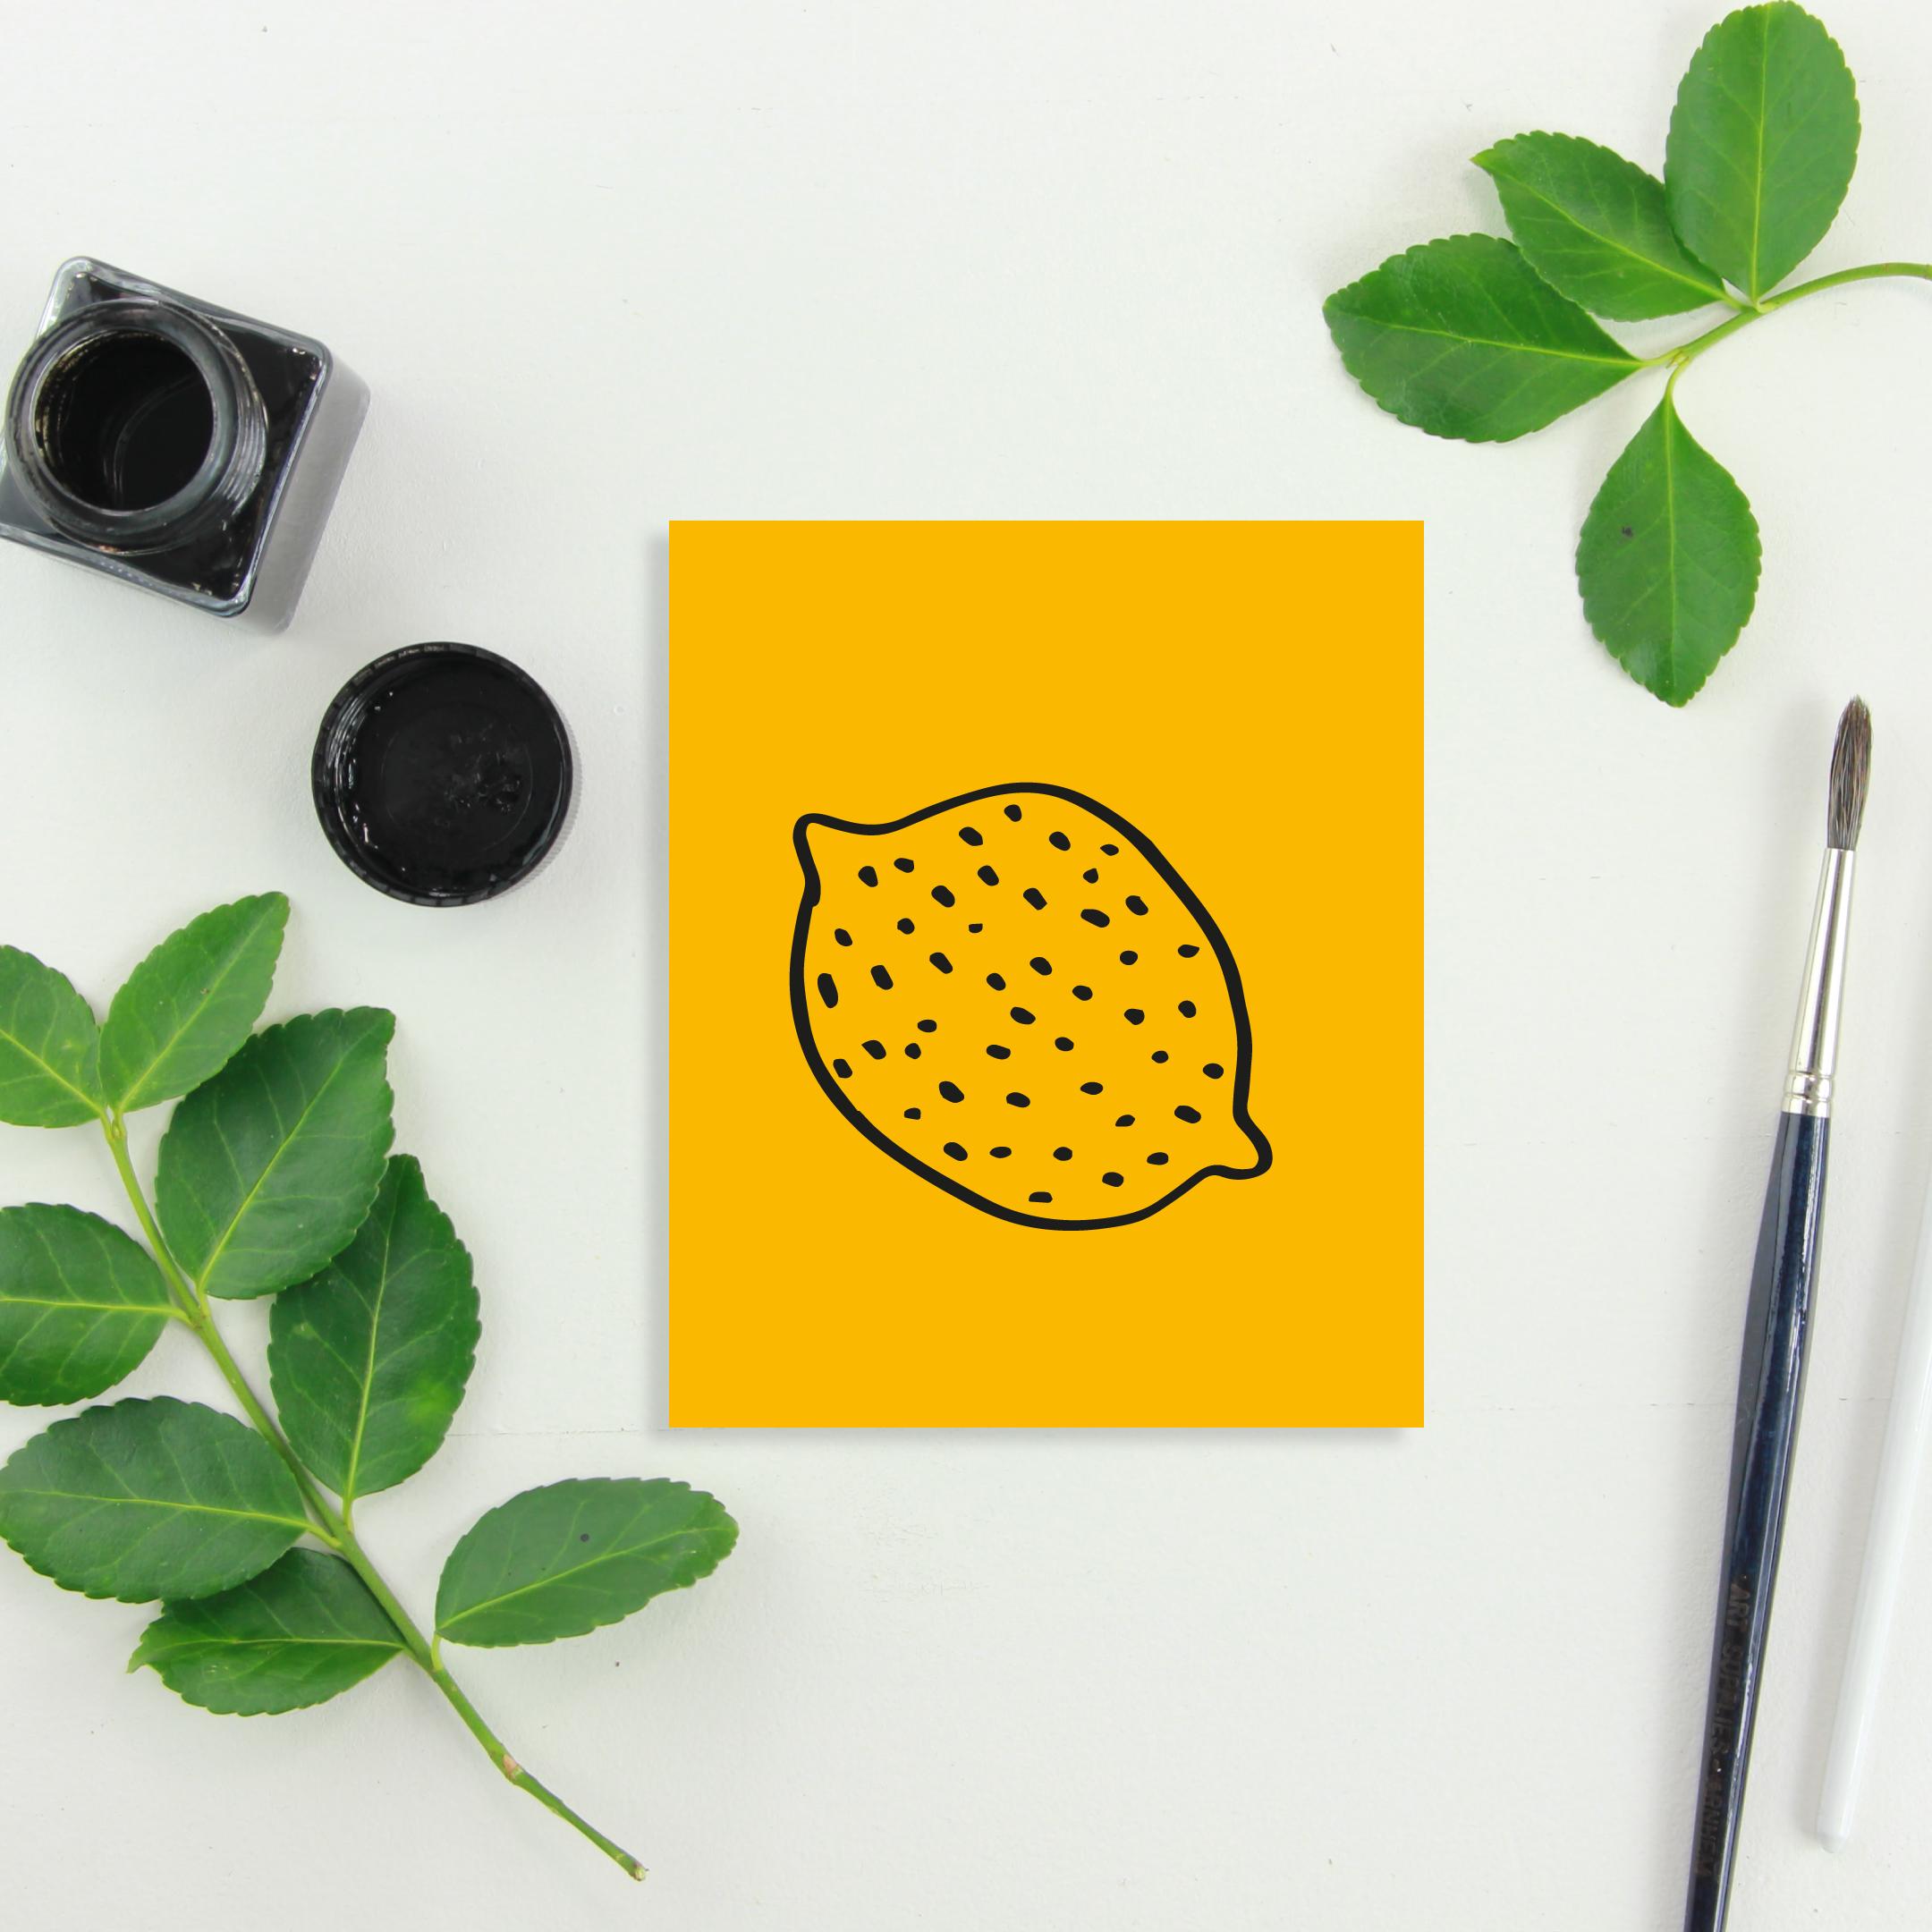 image-portfolio-cuisine-therapie-6